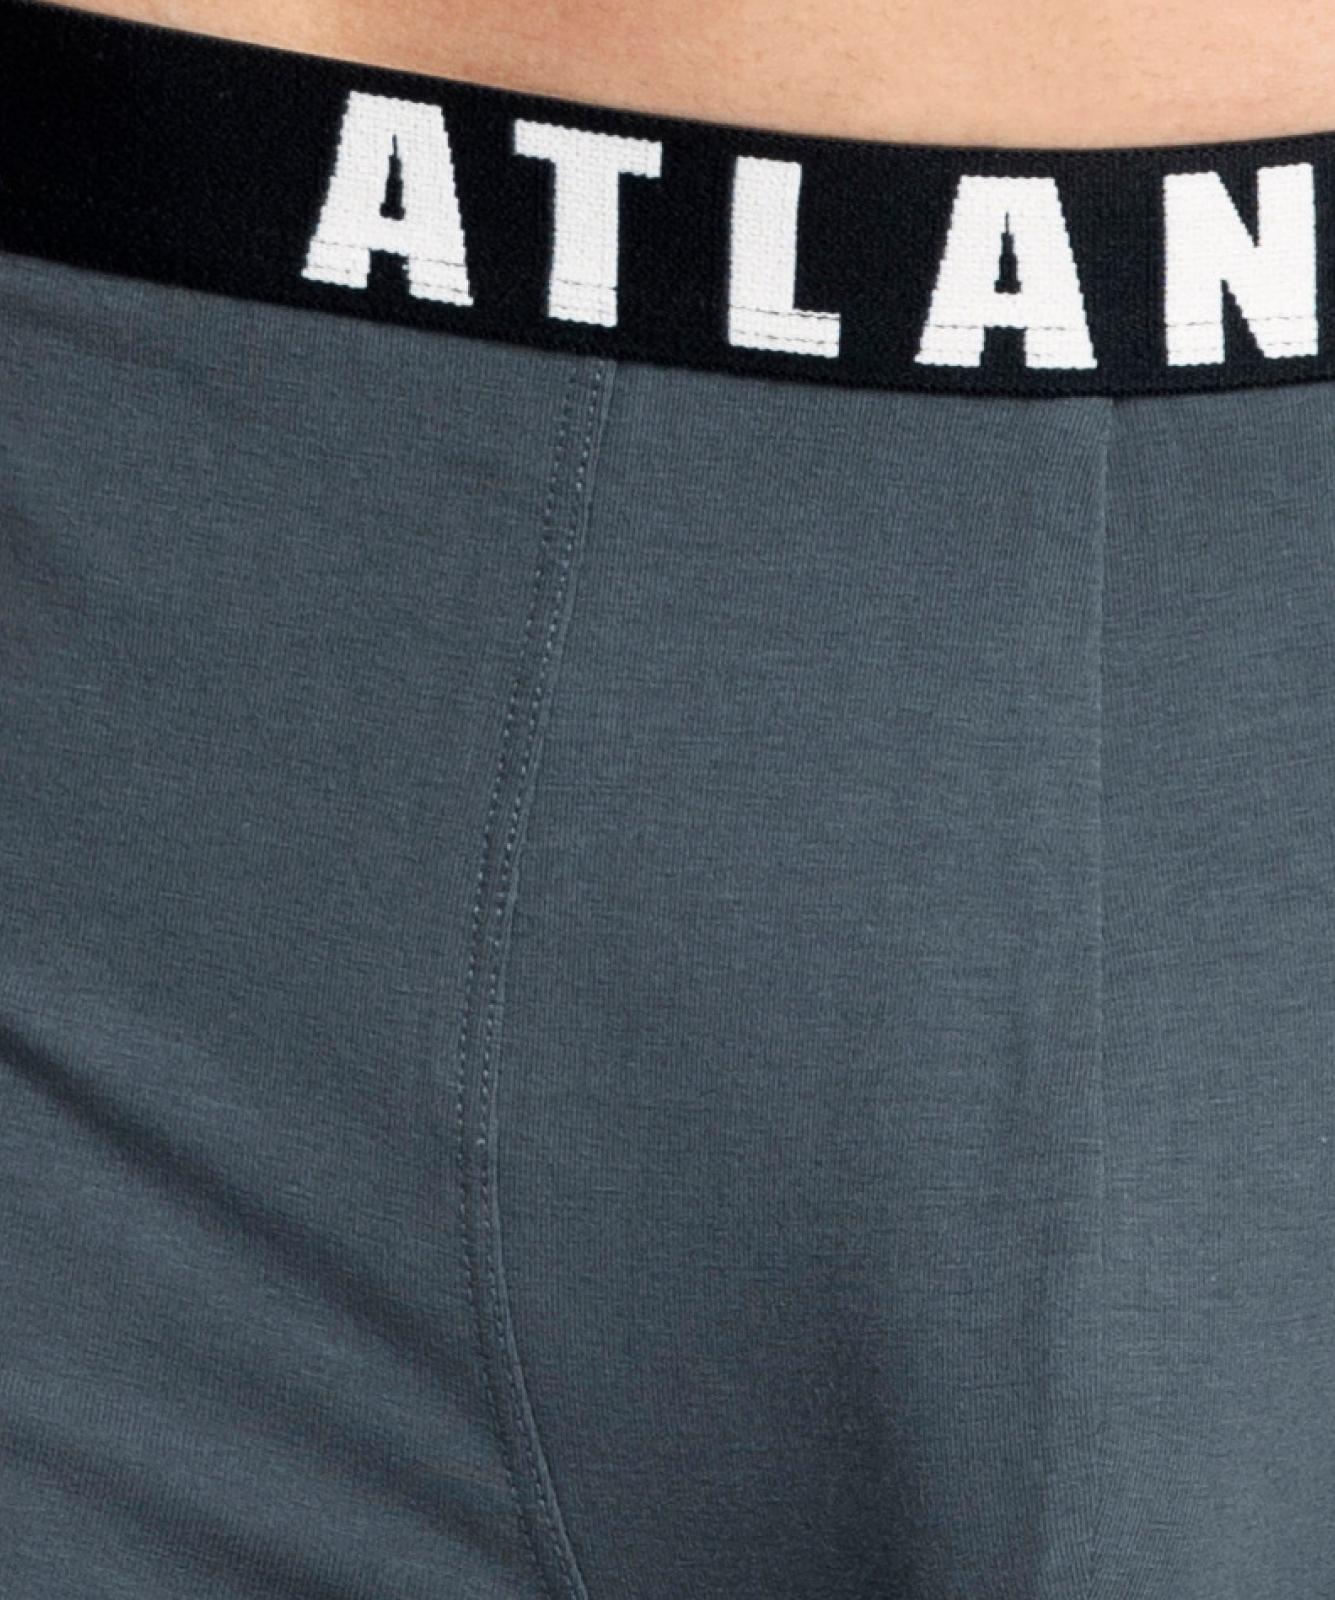 Мужские трусы шорты Atlantic, набор из 2 шт., хлопок, графит + черные, 2MH-1177